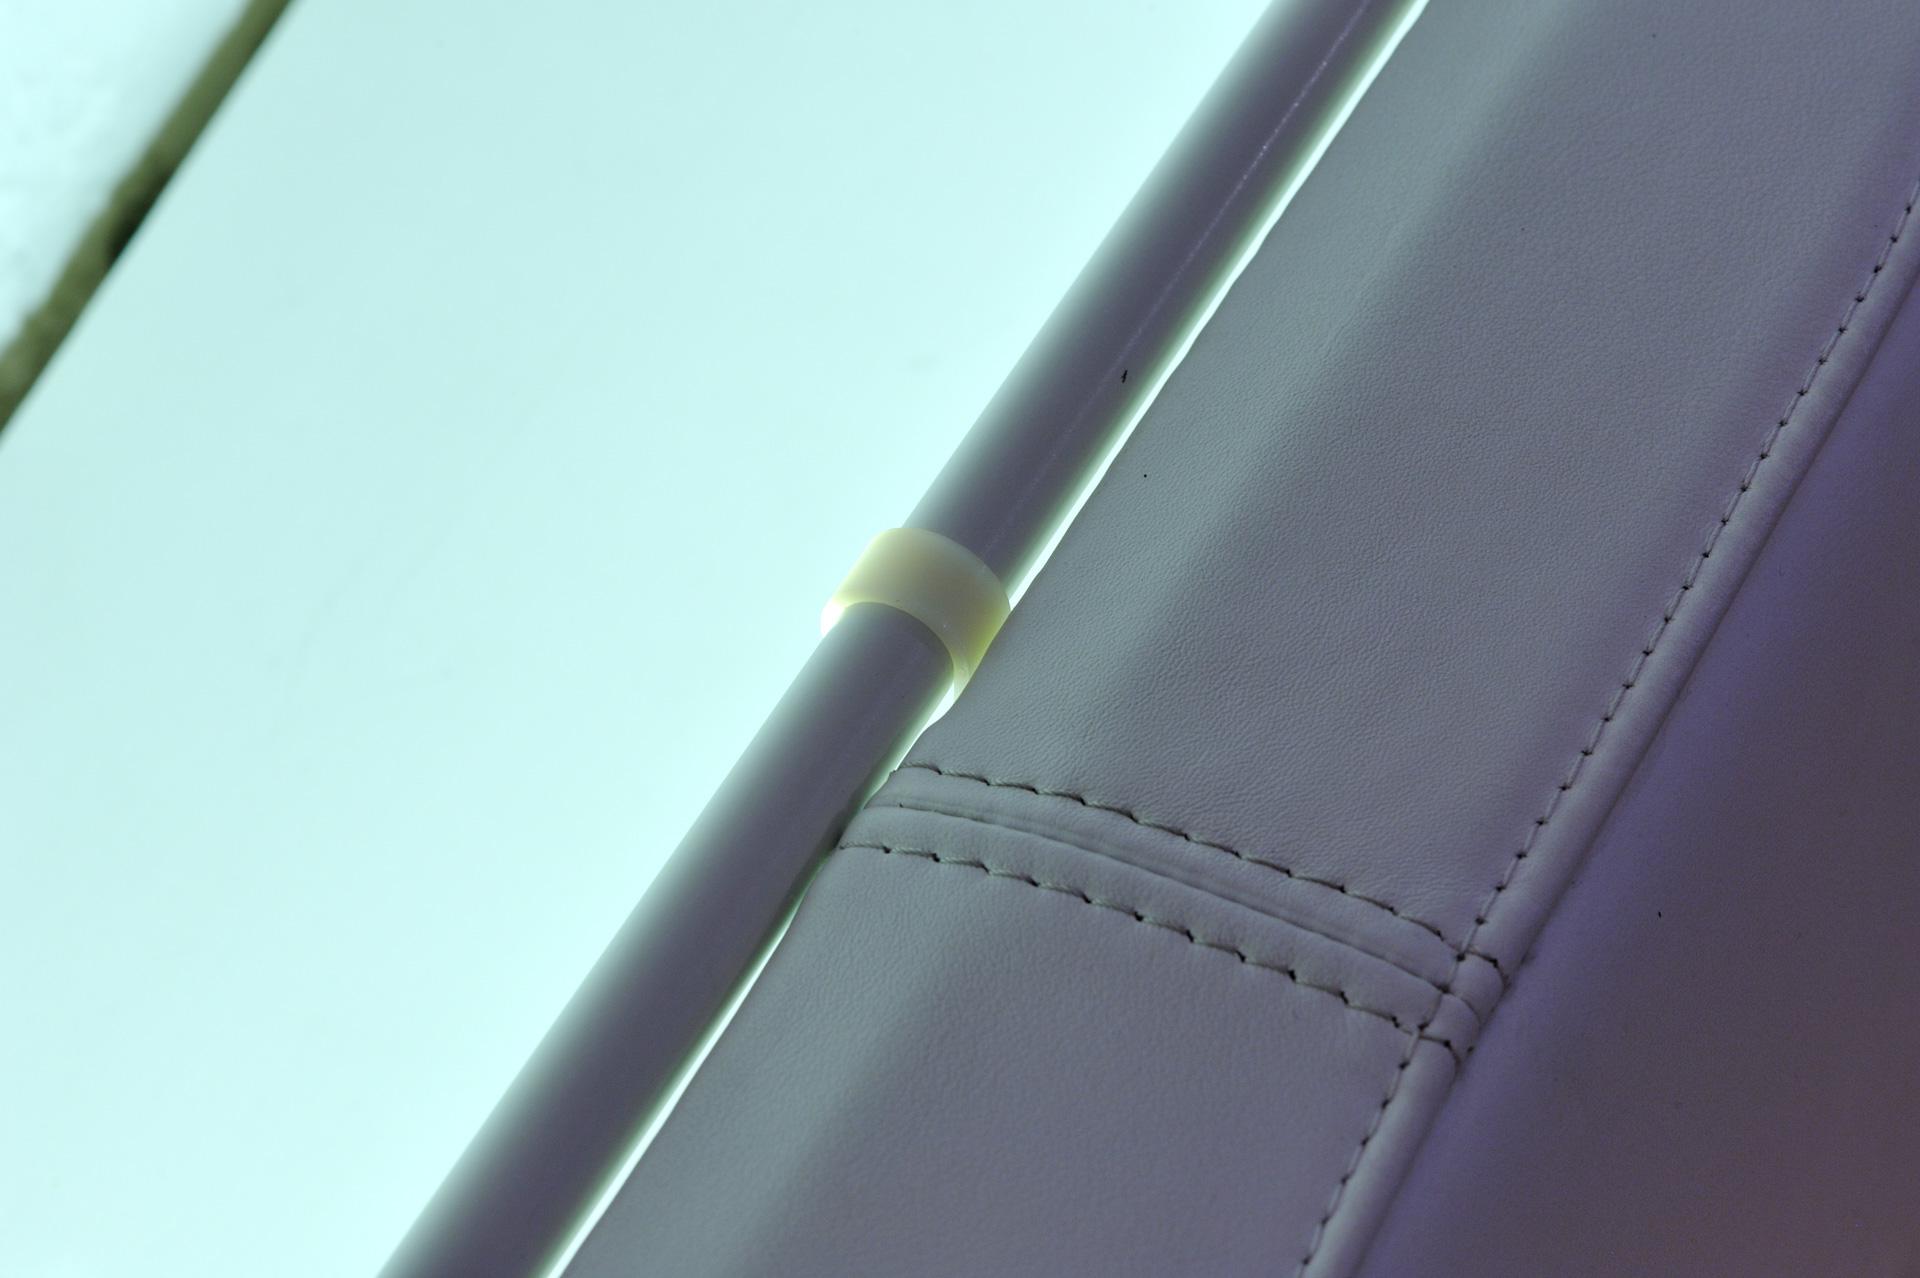 CILINDRO LED applicazioni - CILINDRO LED applications